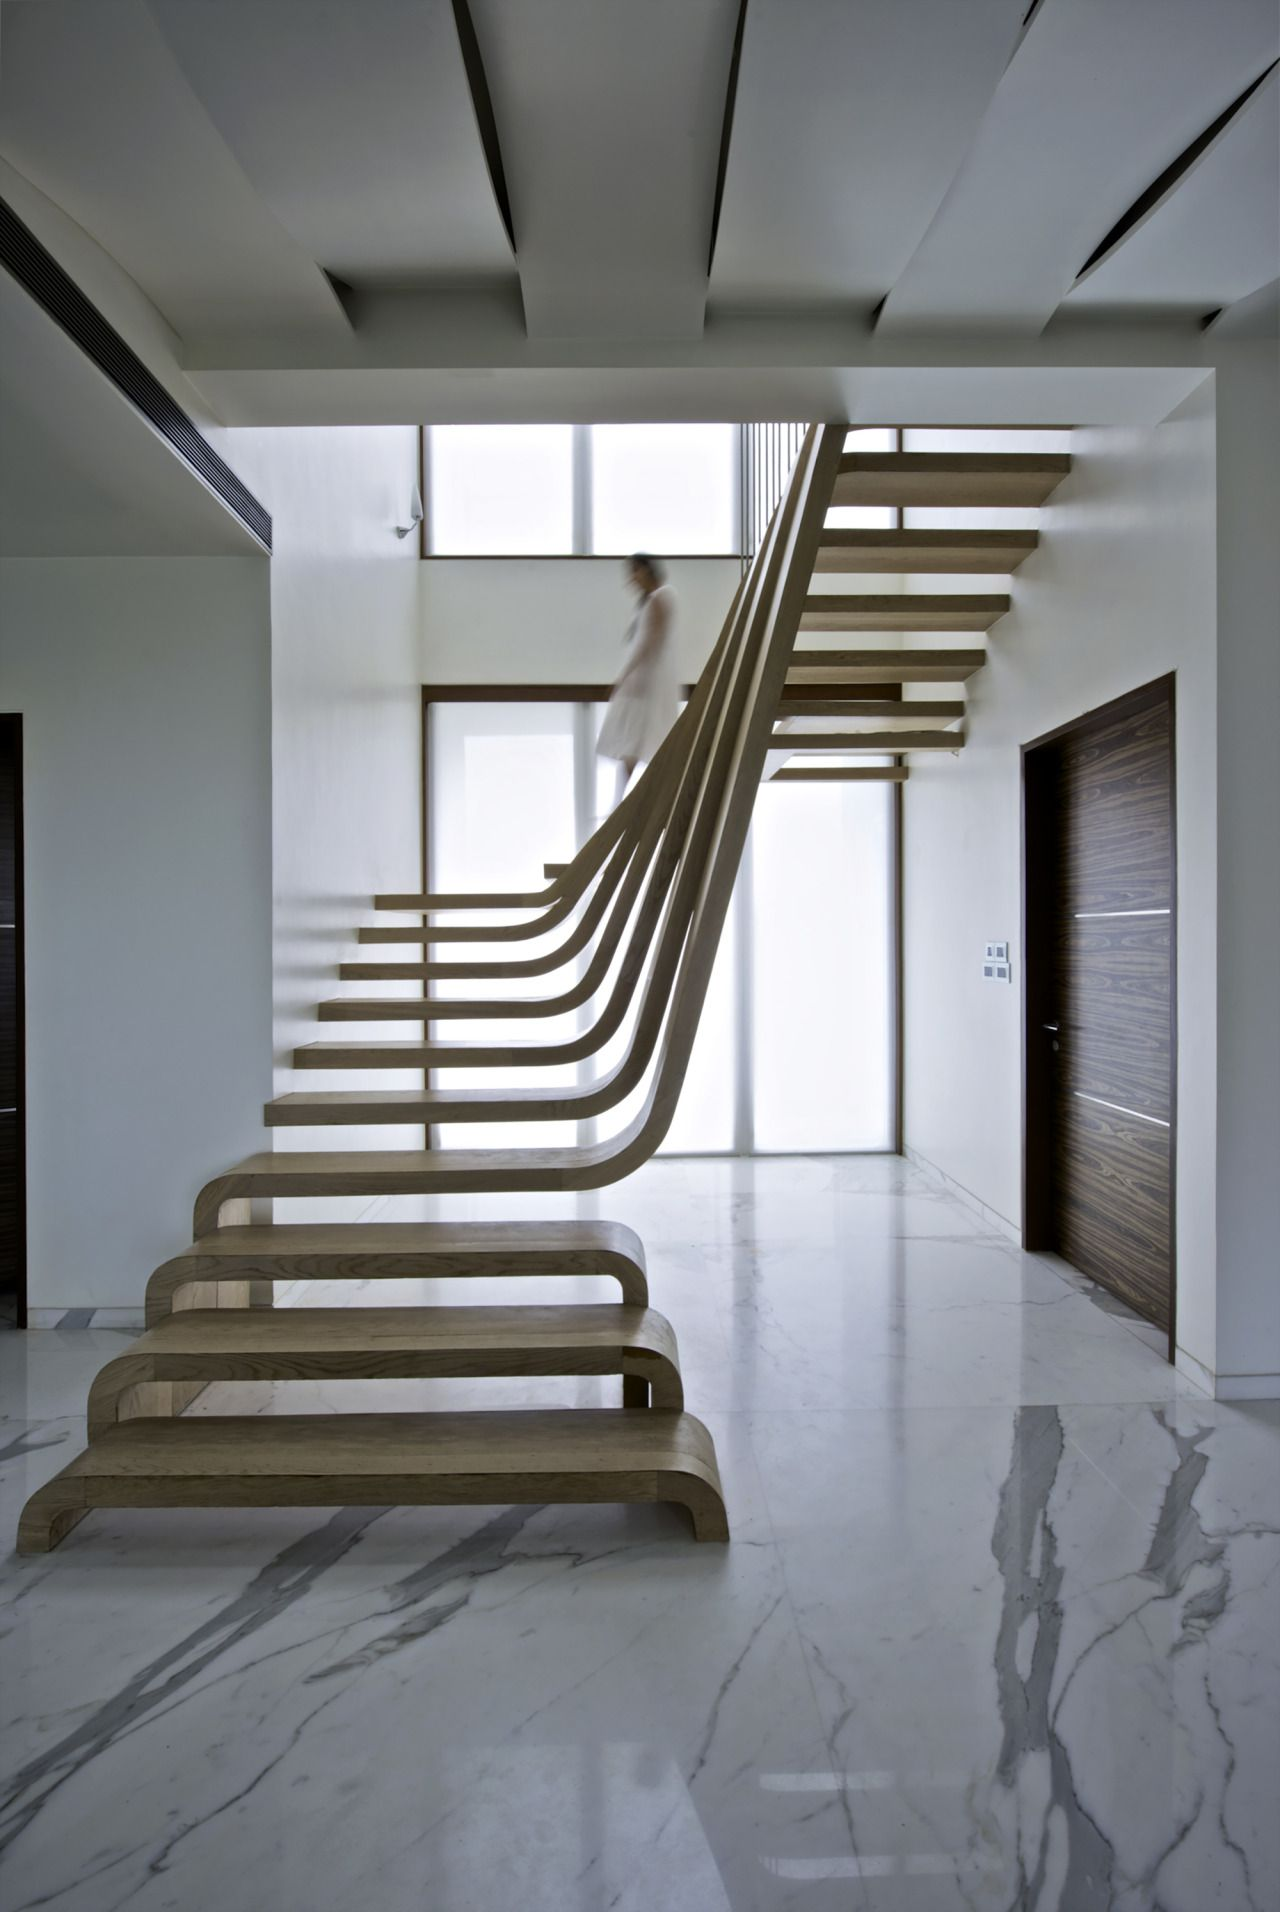 stairs gestaltung pinterest treppe ideen treppe und inneneinrichtung. Black Bedroom Furniture Sets. Home Design Ideas